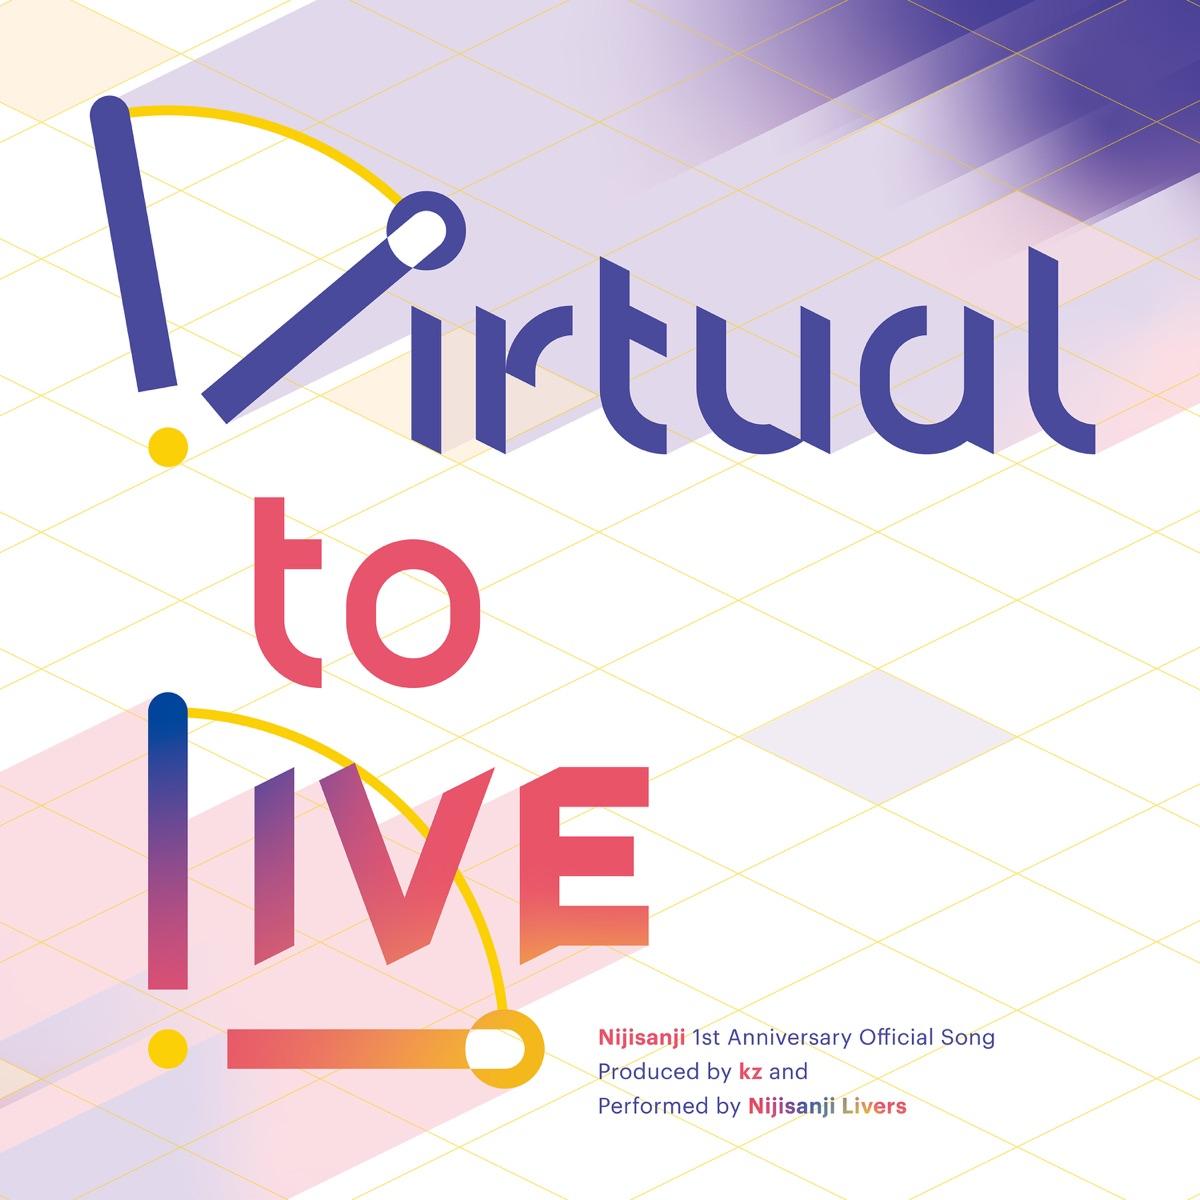 『にじさんじ - Virtual to LIVE』収録の『Virtual to LIVE』ジャケット